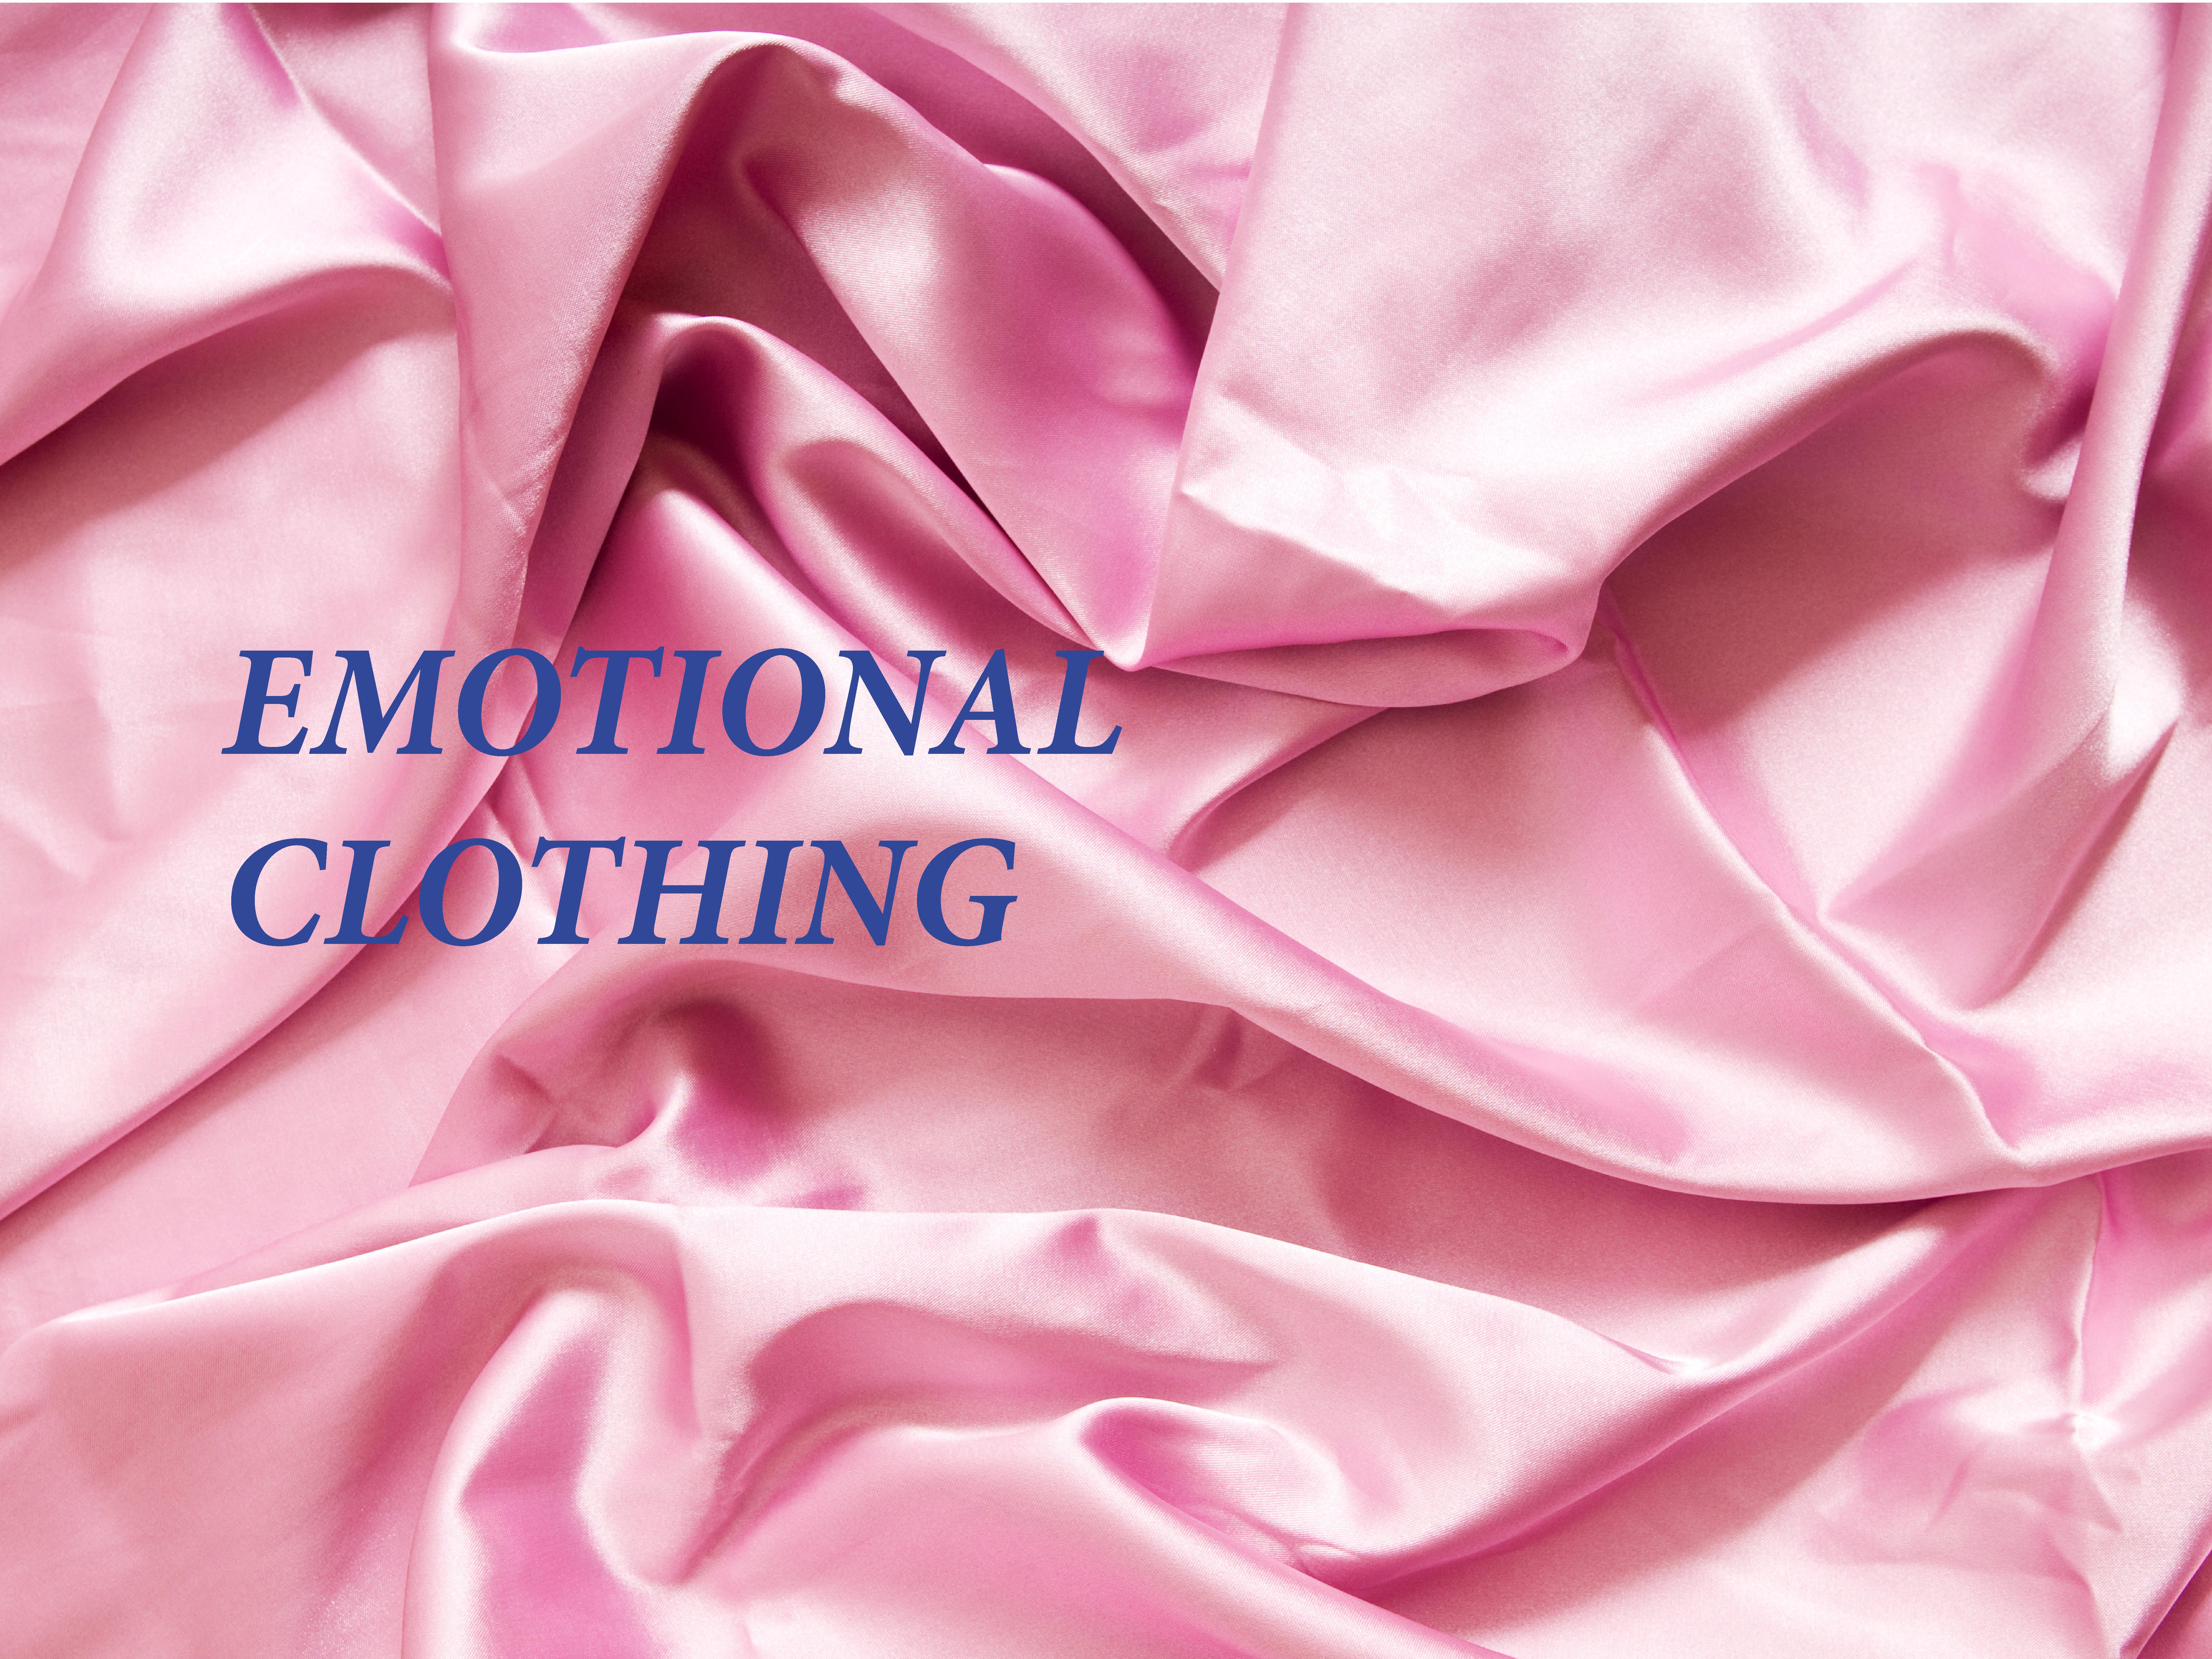 Emotional Clothing